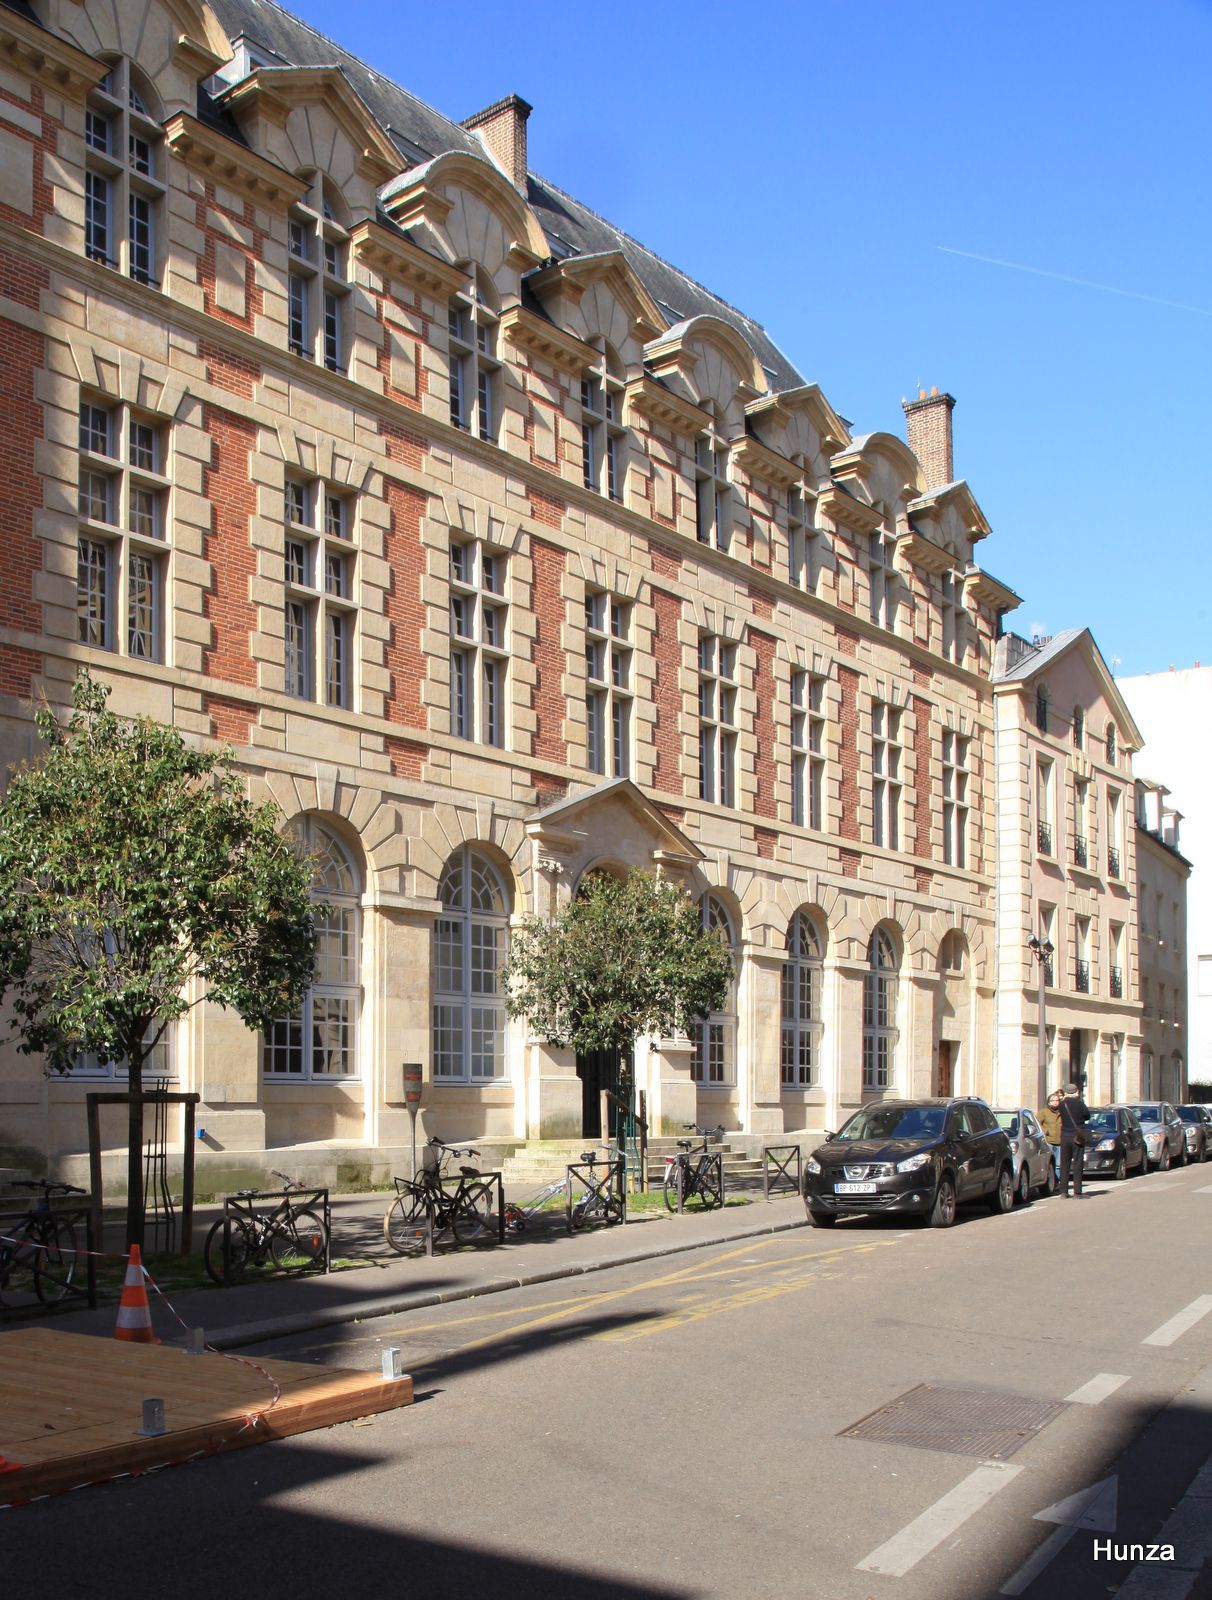 Paris, palais abbatial de l'abbaye de Saint-Germain des Prés